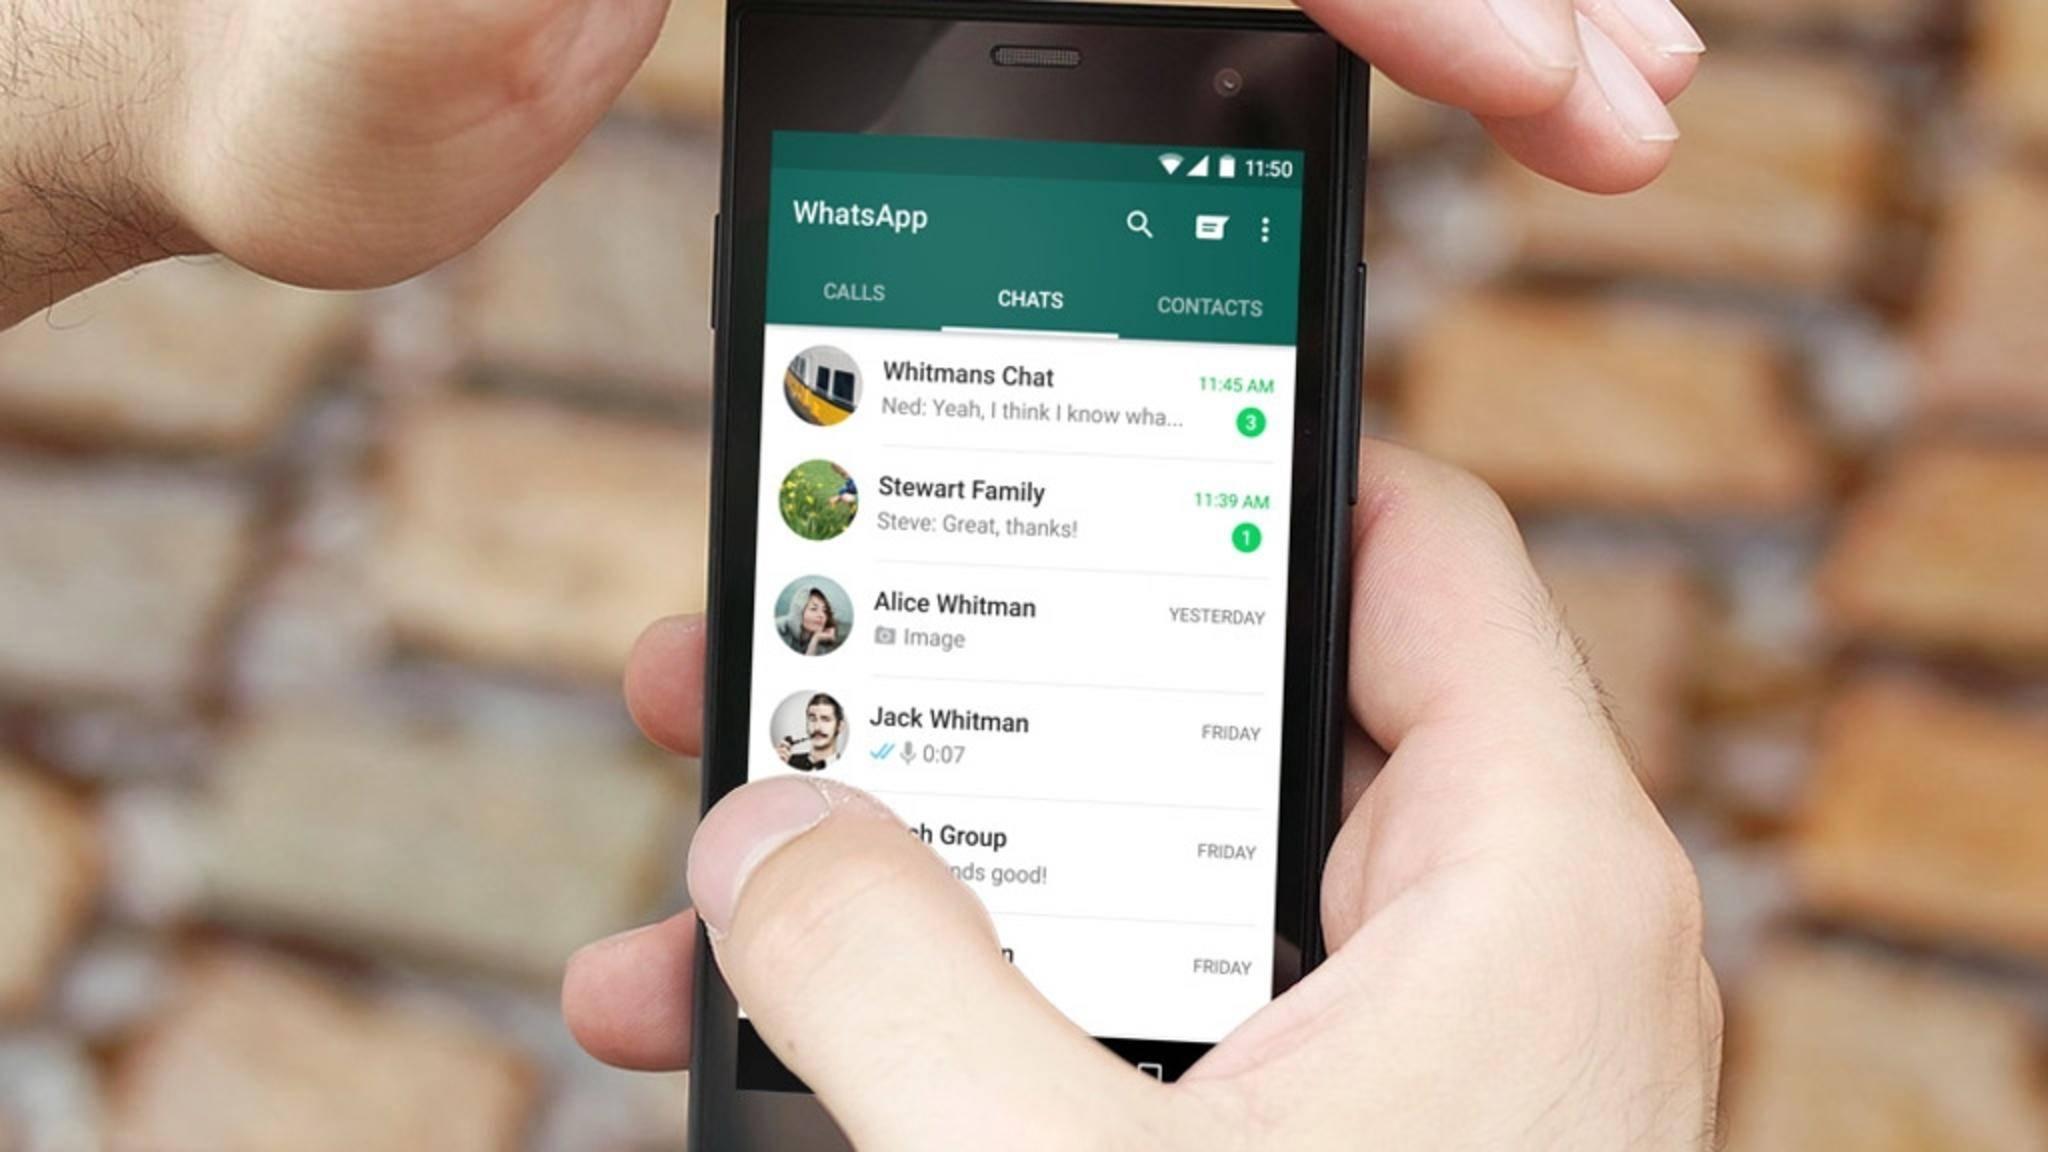 Du findest einen WhatsApp-Kontakt nicht? Dann solltest Du Deine Kontaktliste aktualisieren.